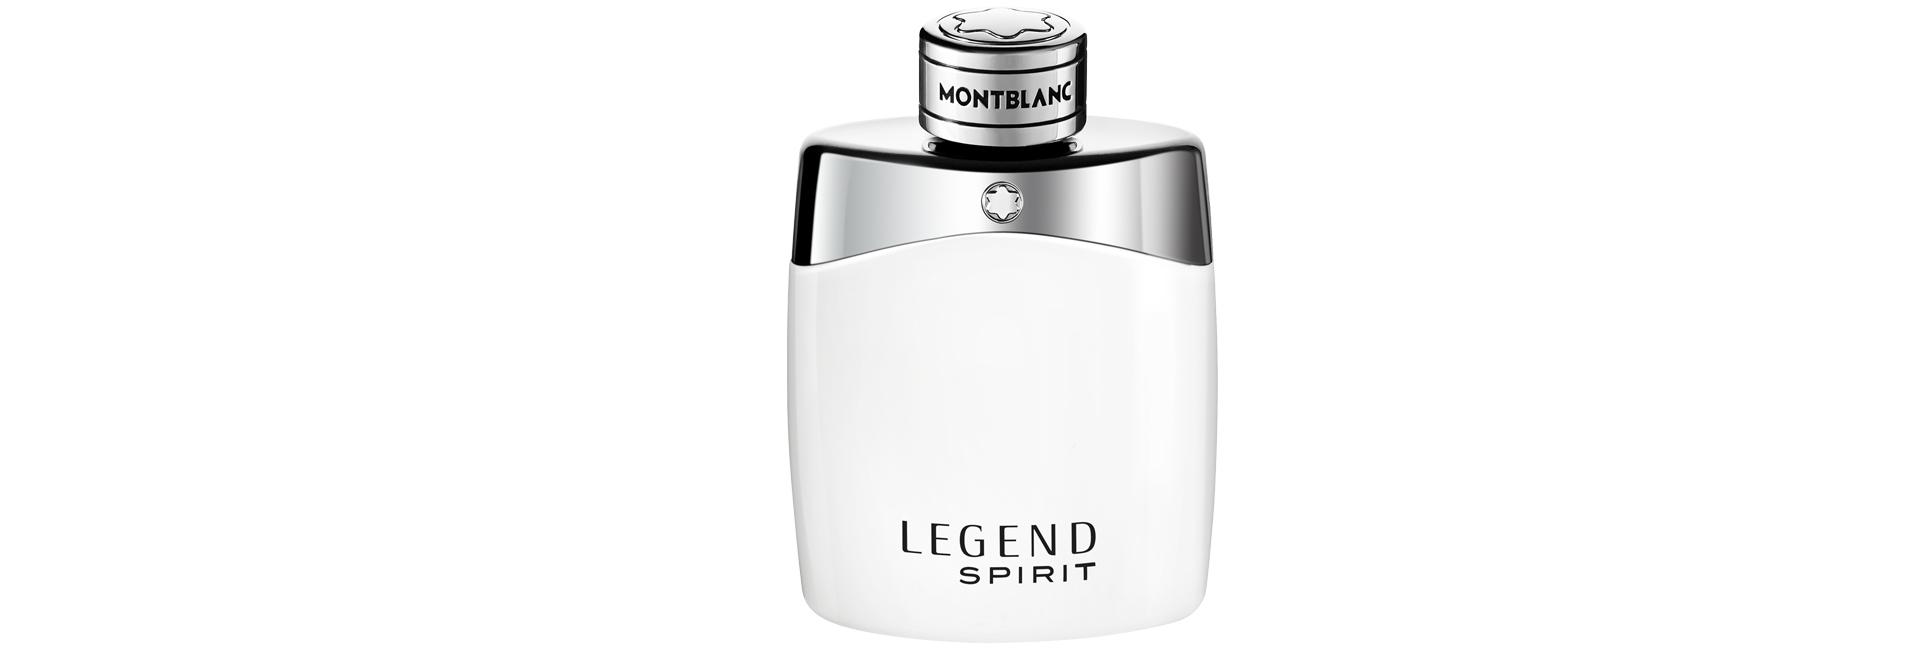 parfum-montblanc-legend-spirit-blog-beaute-soin-parfum-homme